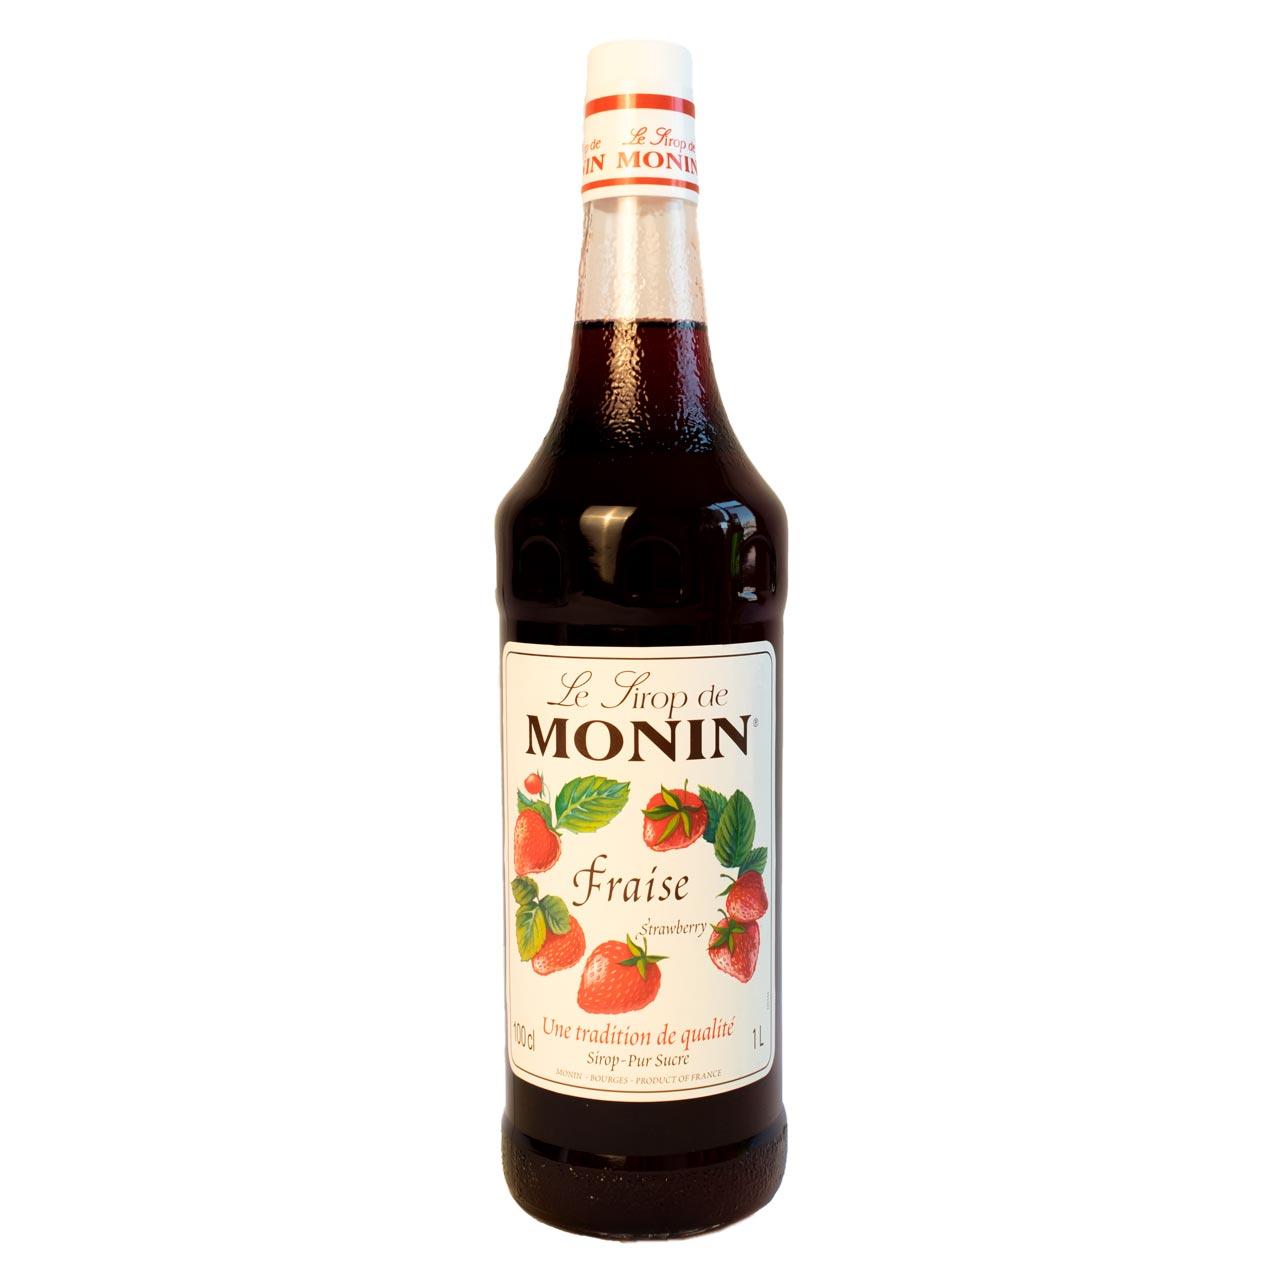 سیروپ توت فرنگی یک لیتر مونین – monin